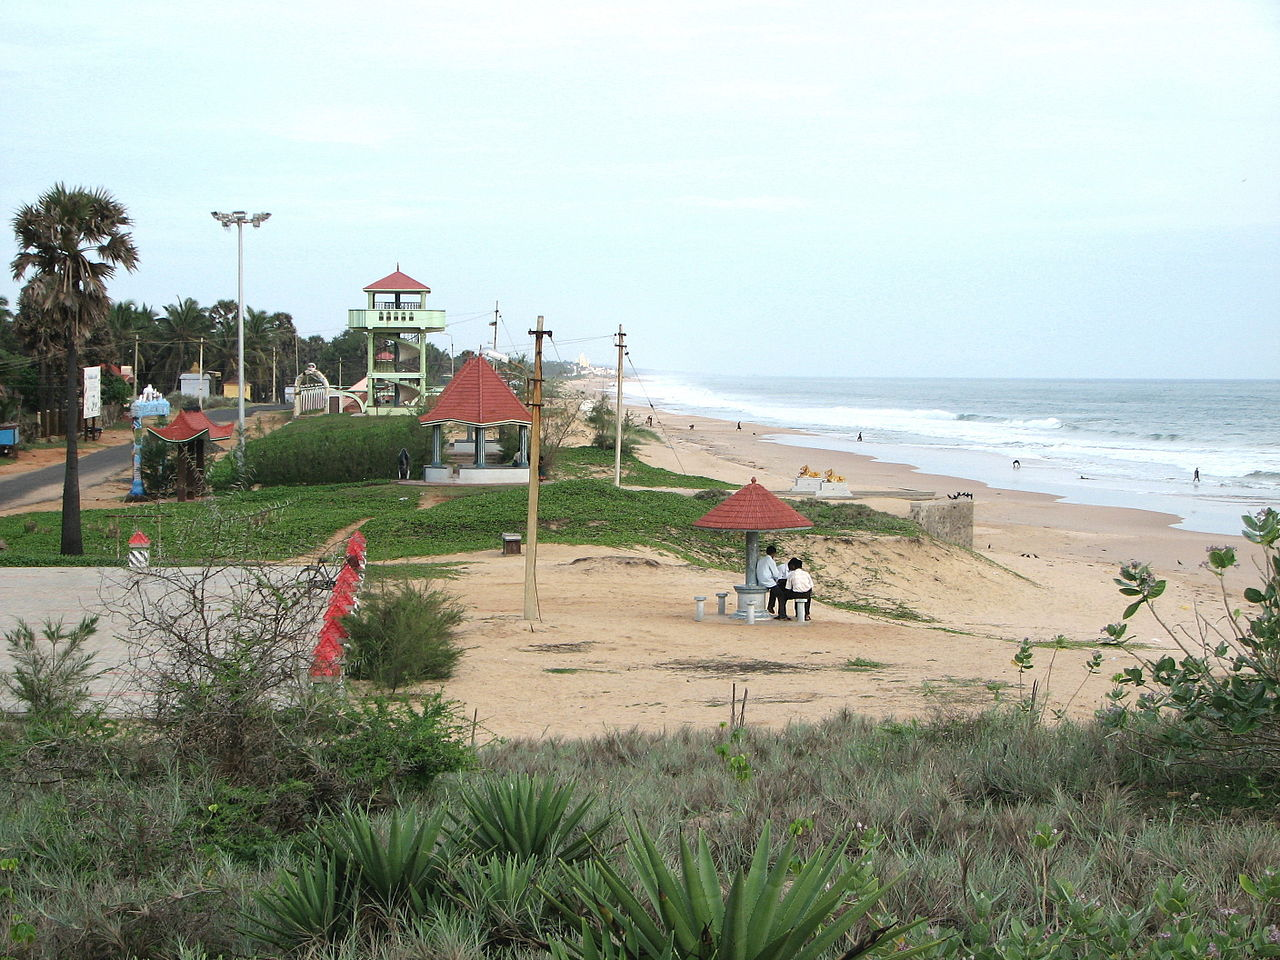 Kanyakumari Beach in Kanyakumari, Tamil Nadu